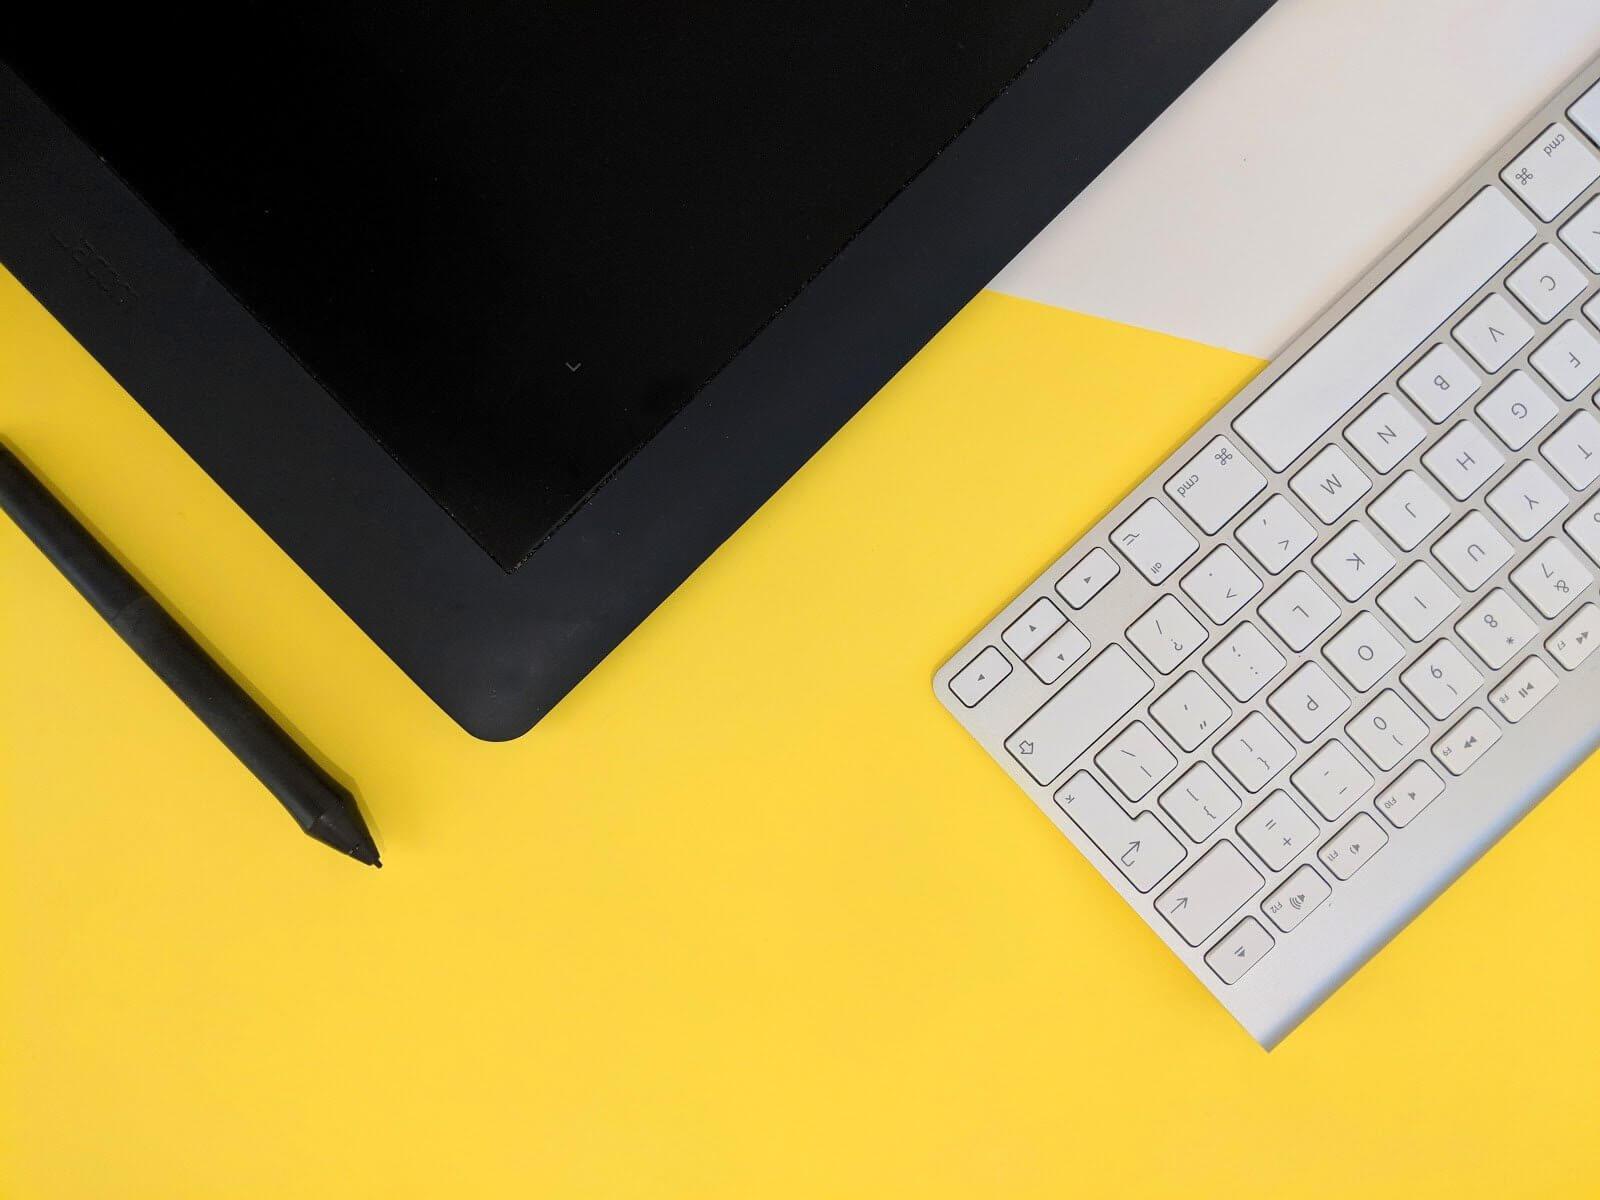 Tableta de diseño y teclado para trabajos de diseño gráfico remotos